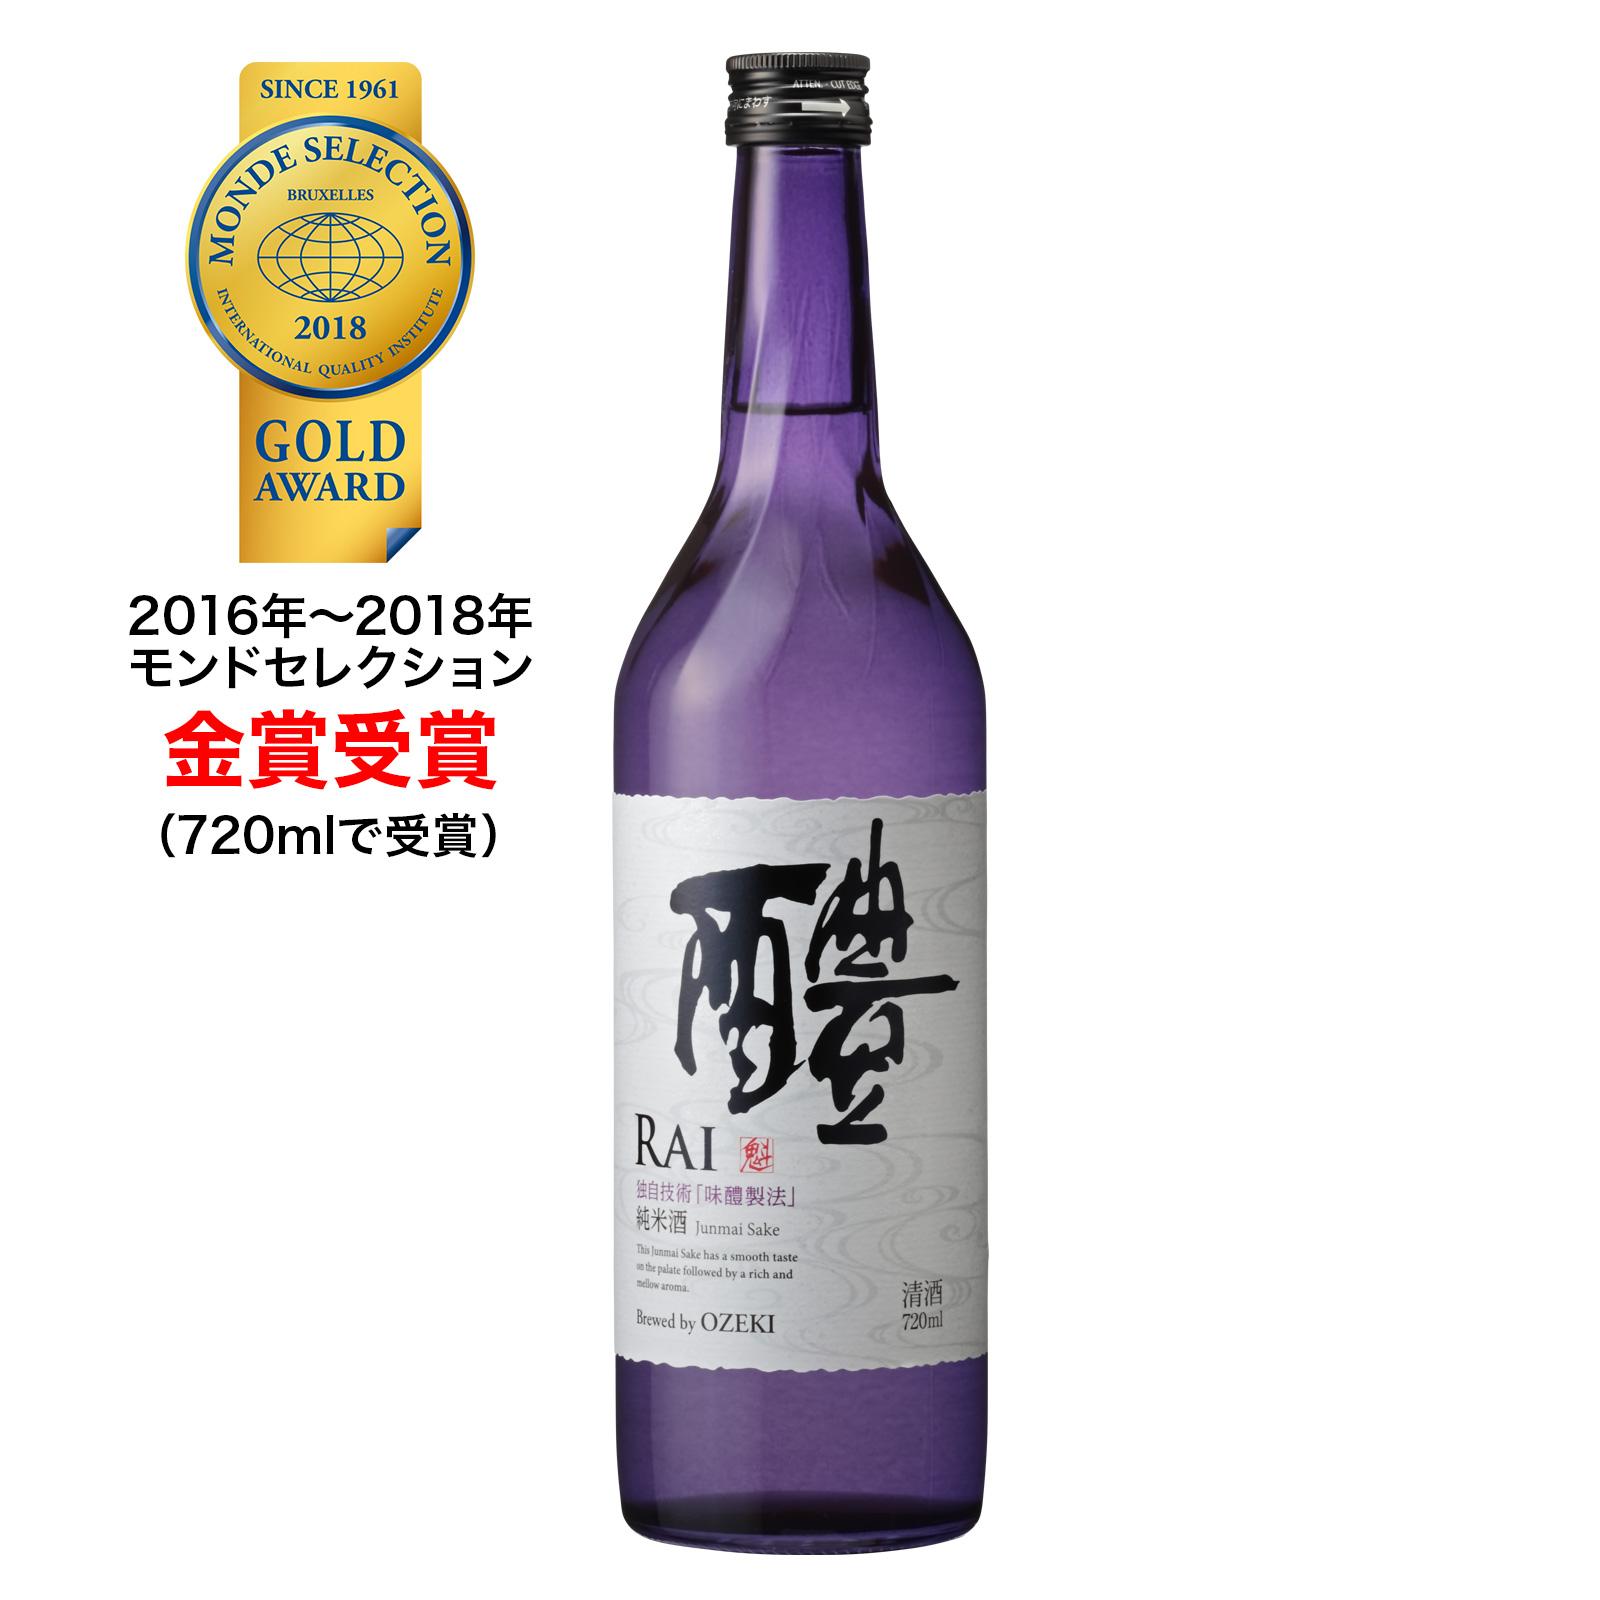 純米酒 醴(RAI)720ml